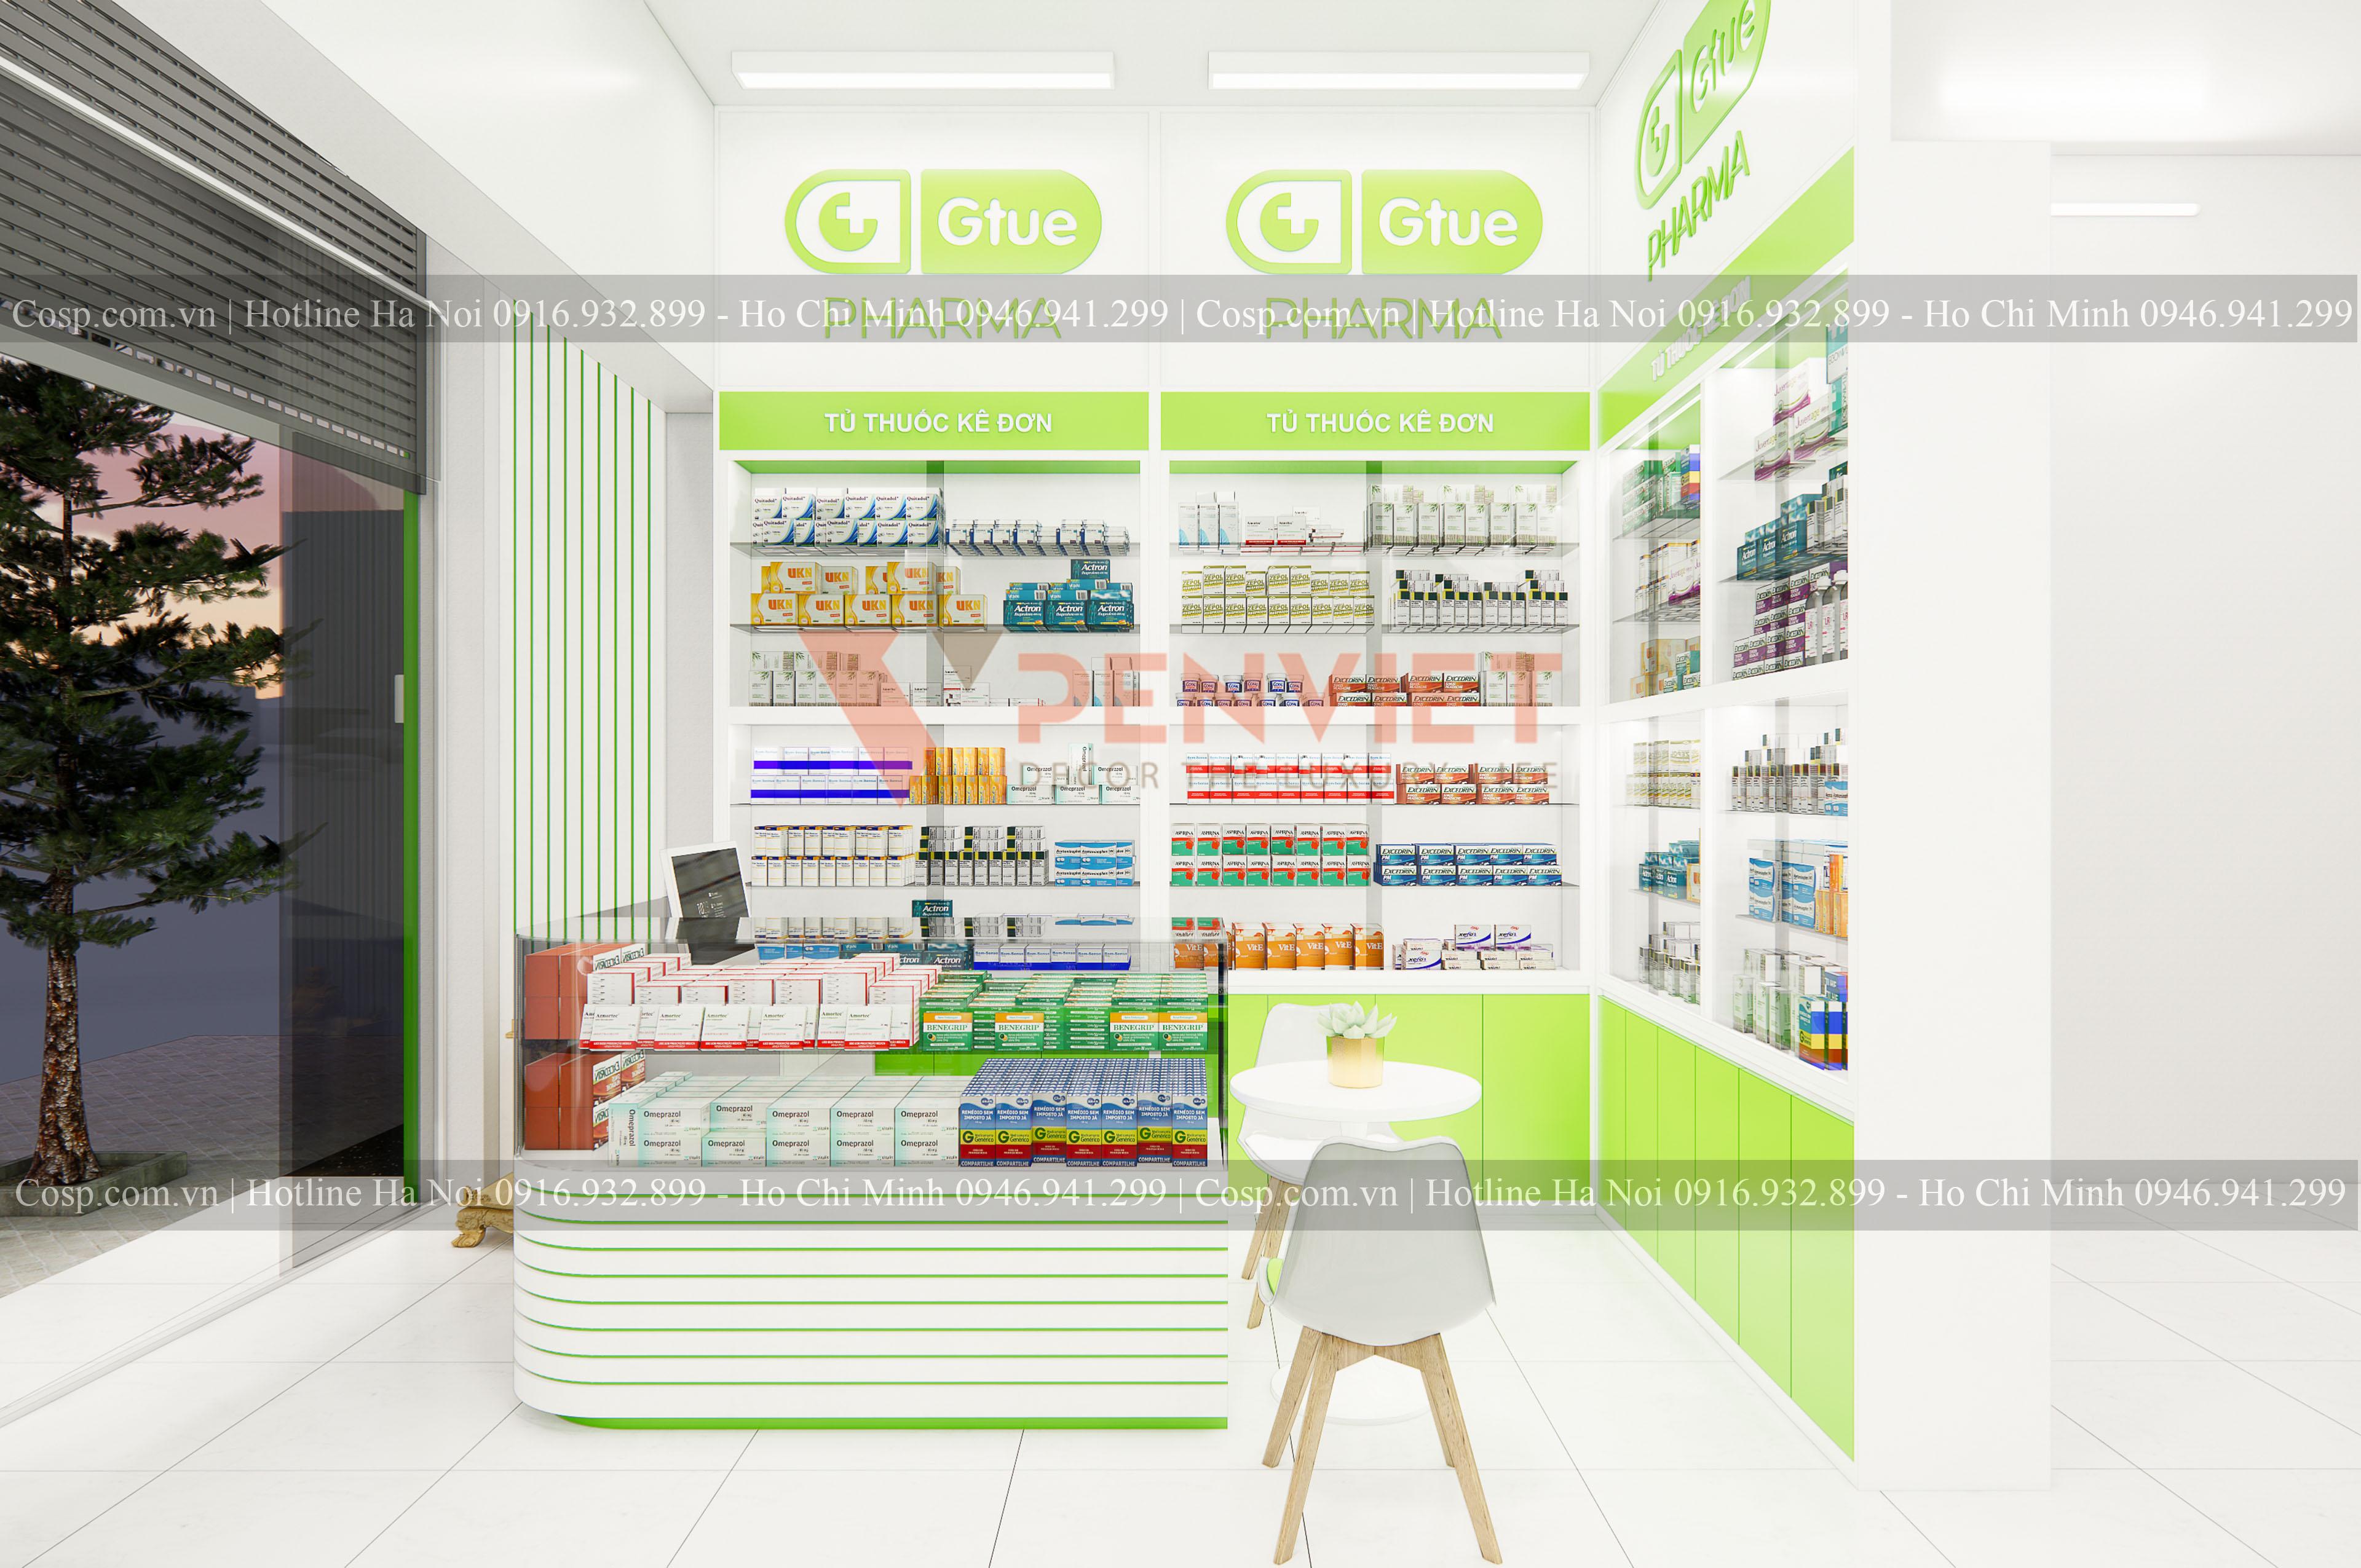 Tủ trưng bày thuốc của mẫu thiết kế hiệu thuốc Gtue - Pharma